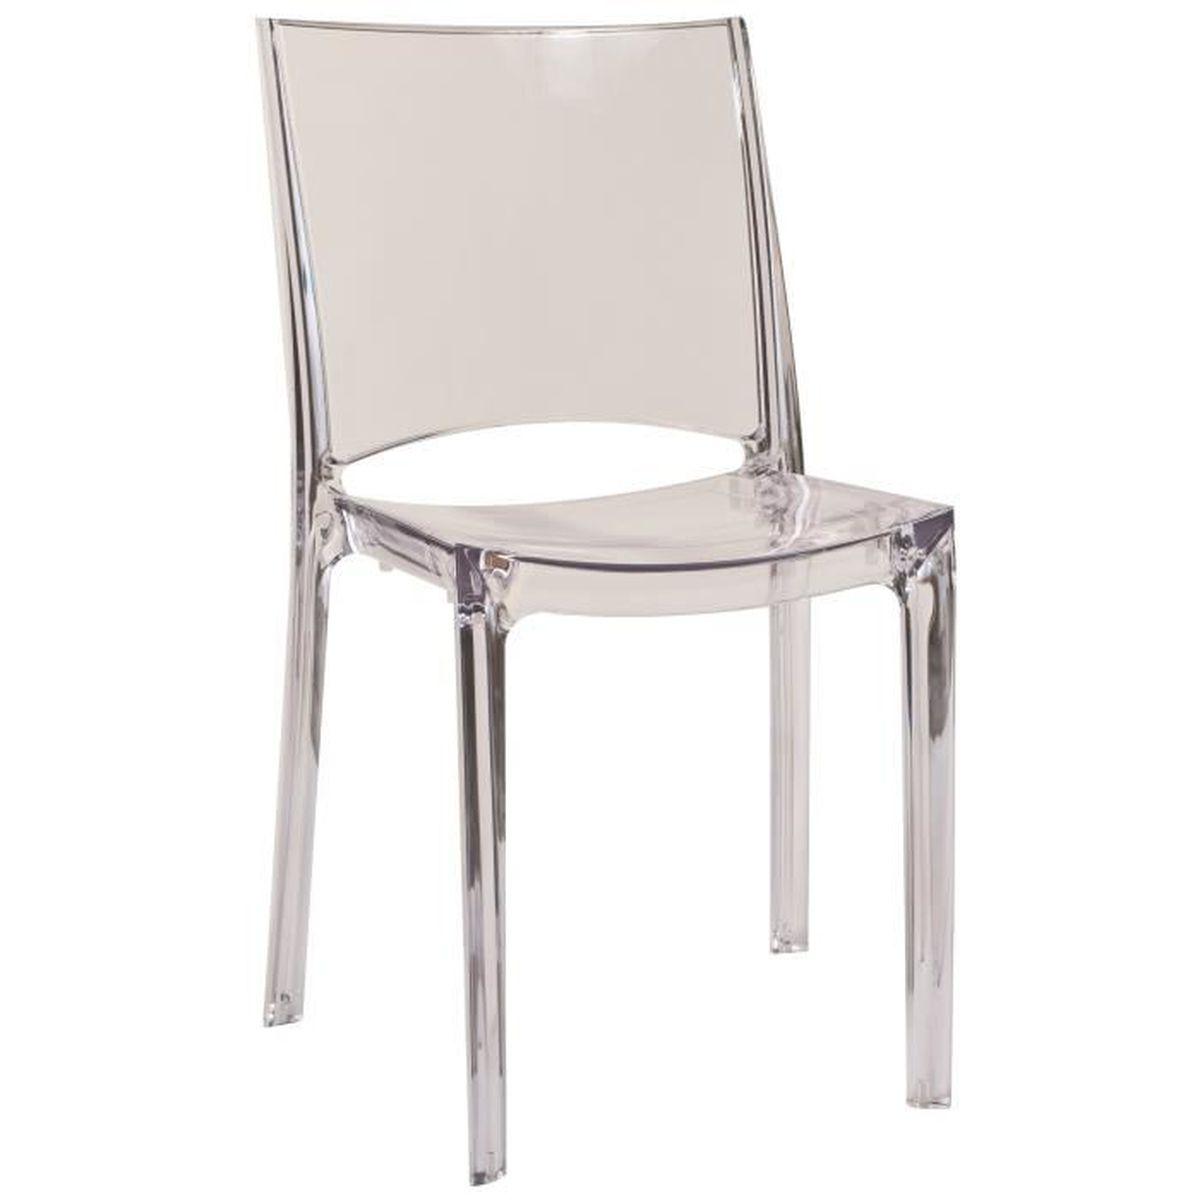 chaises empilable helly polycarbonate Résultat Supérieur 15 Incroyable Fauteuil Salle A Manger Und Chaise Plastique Transparent Pour Deco Chambre Pic 2018 Hgd6